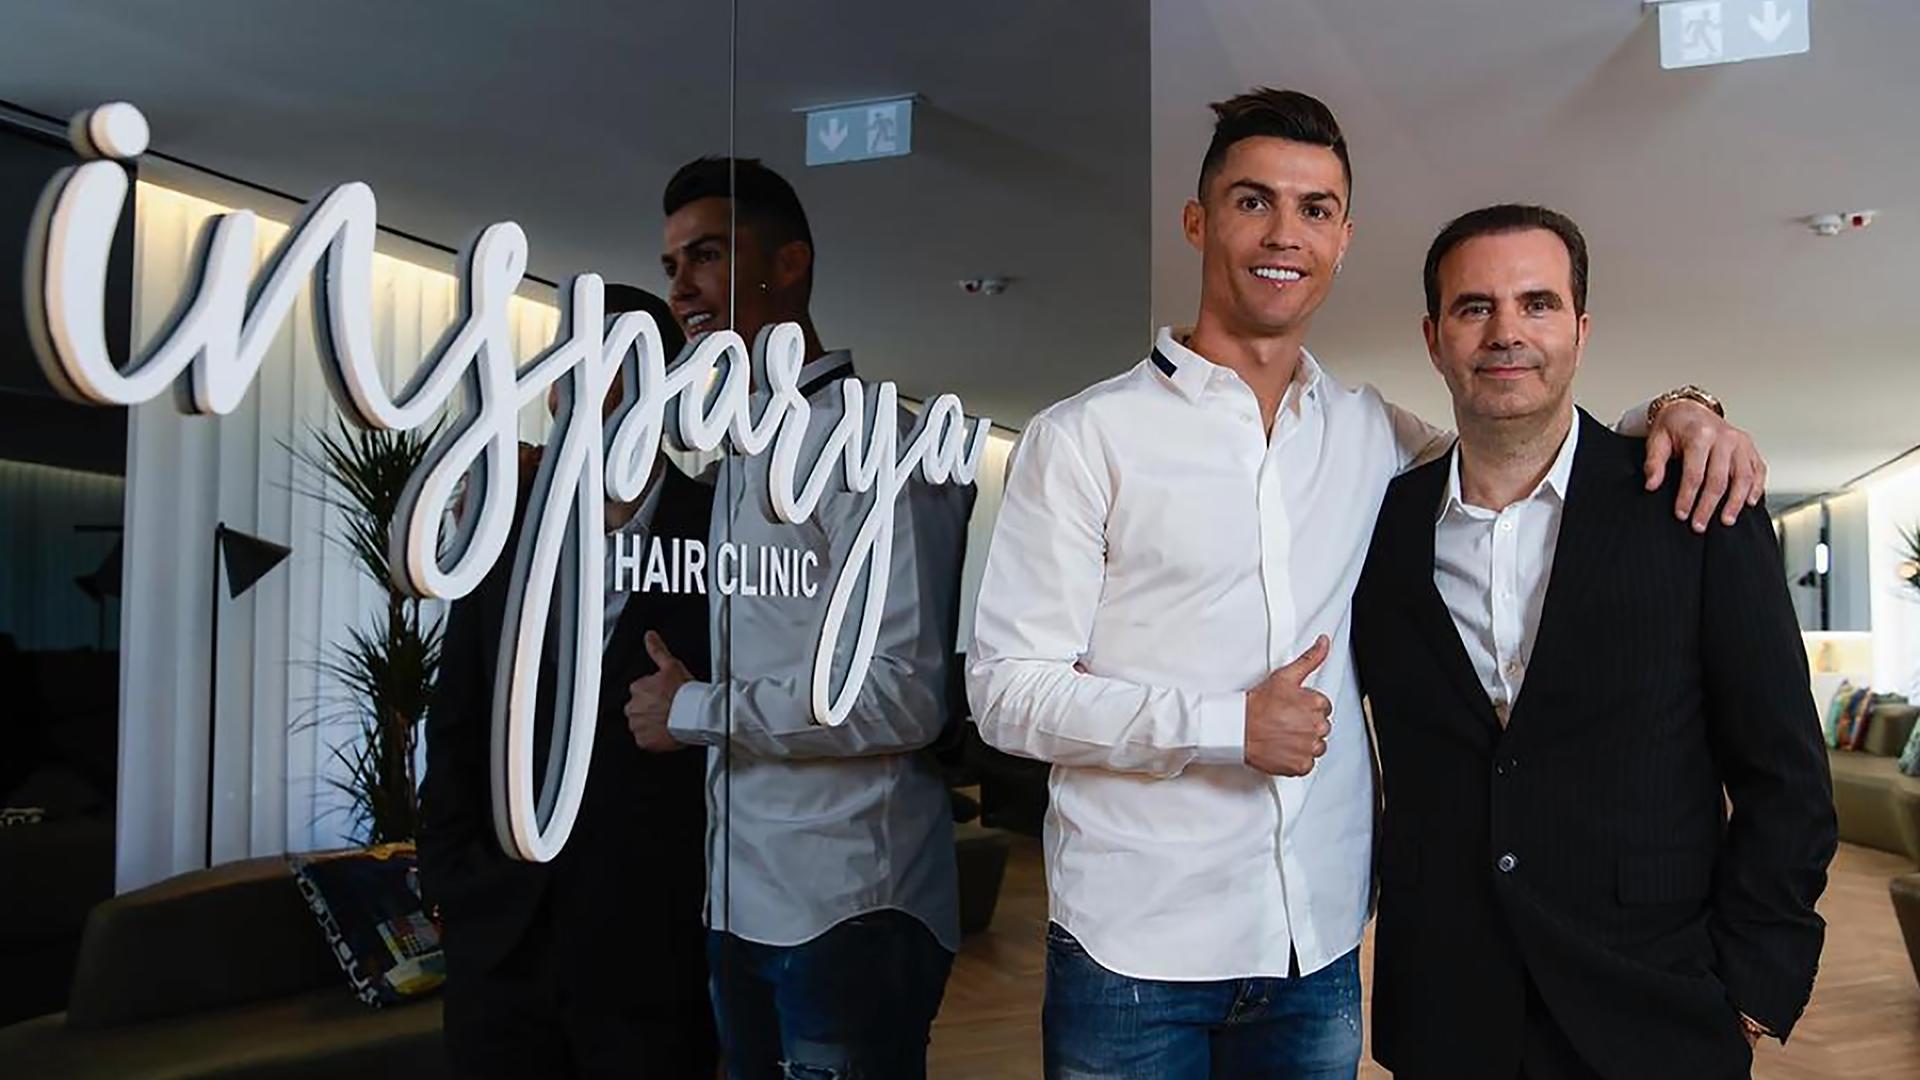 رونالدو يفتح مركز لزراعة الشعر في مدريد